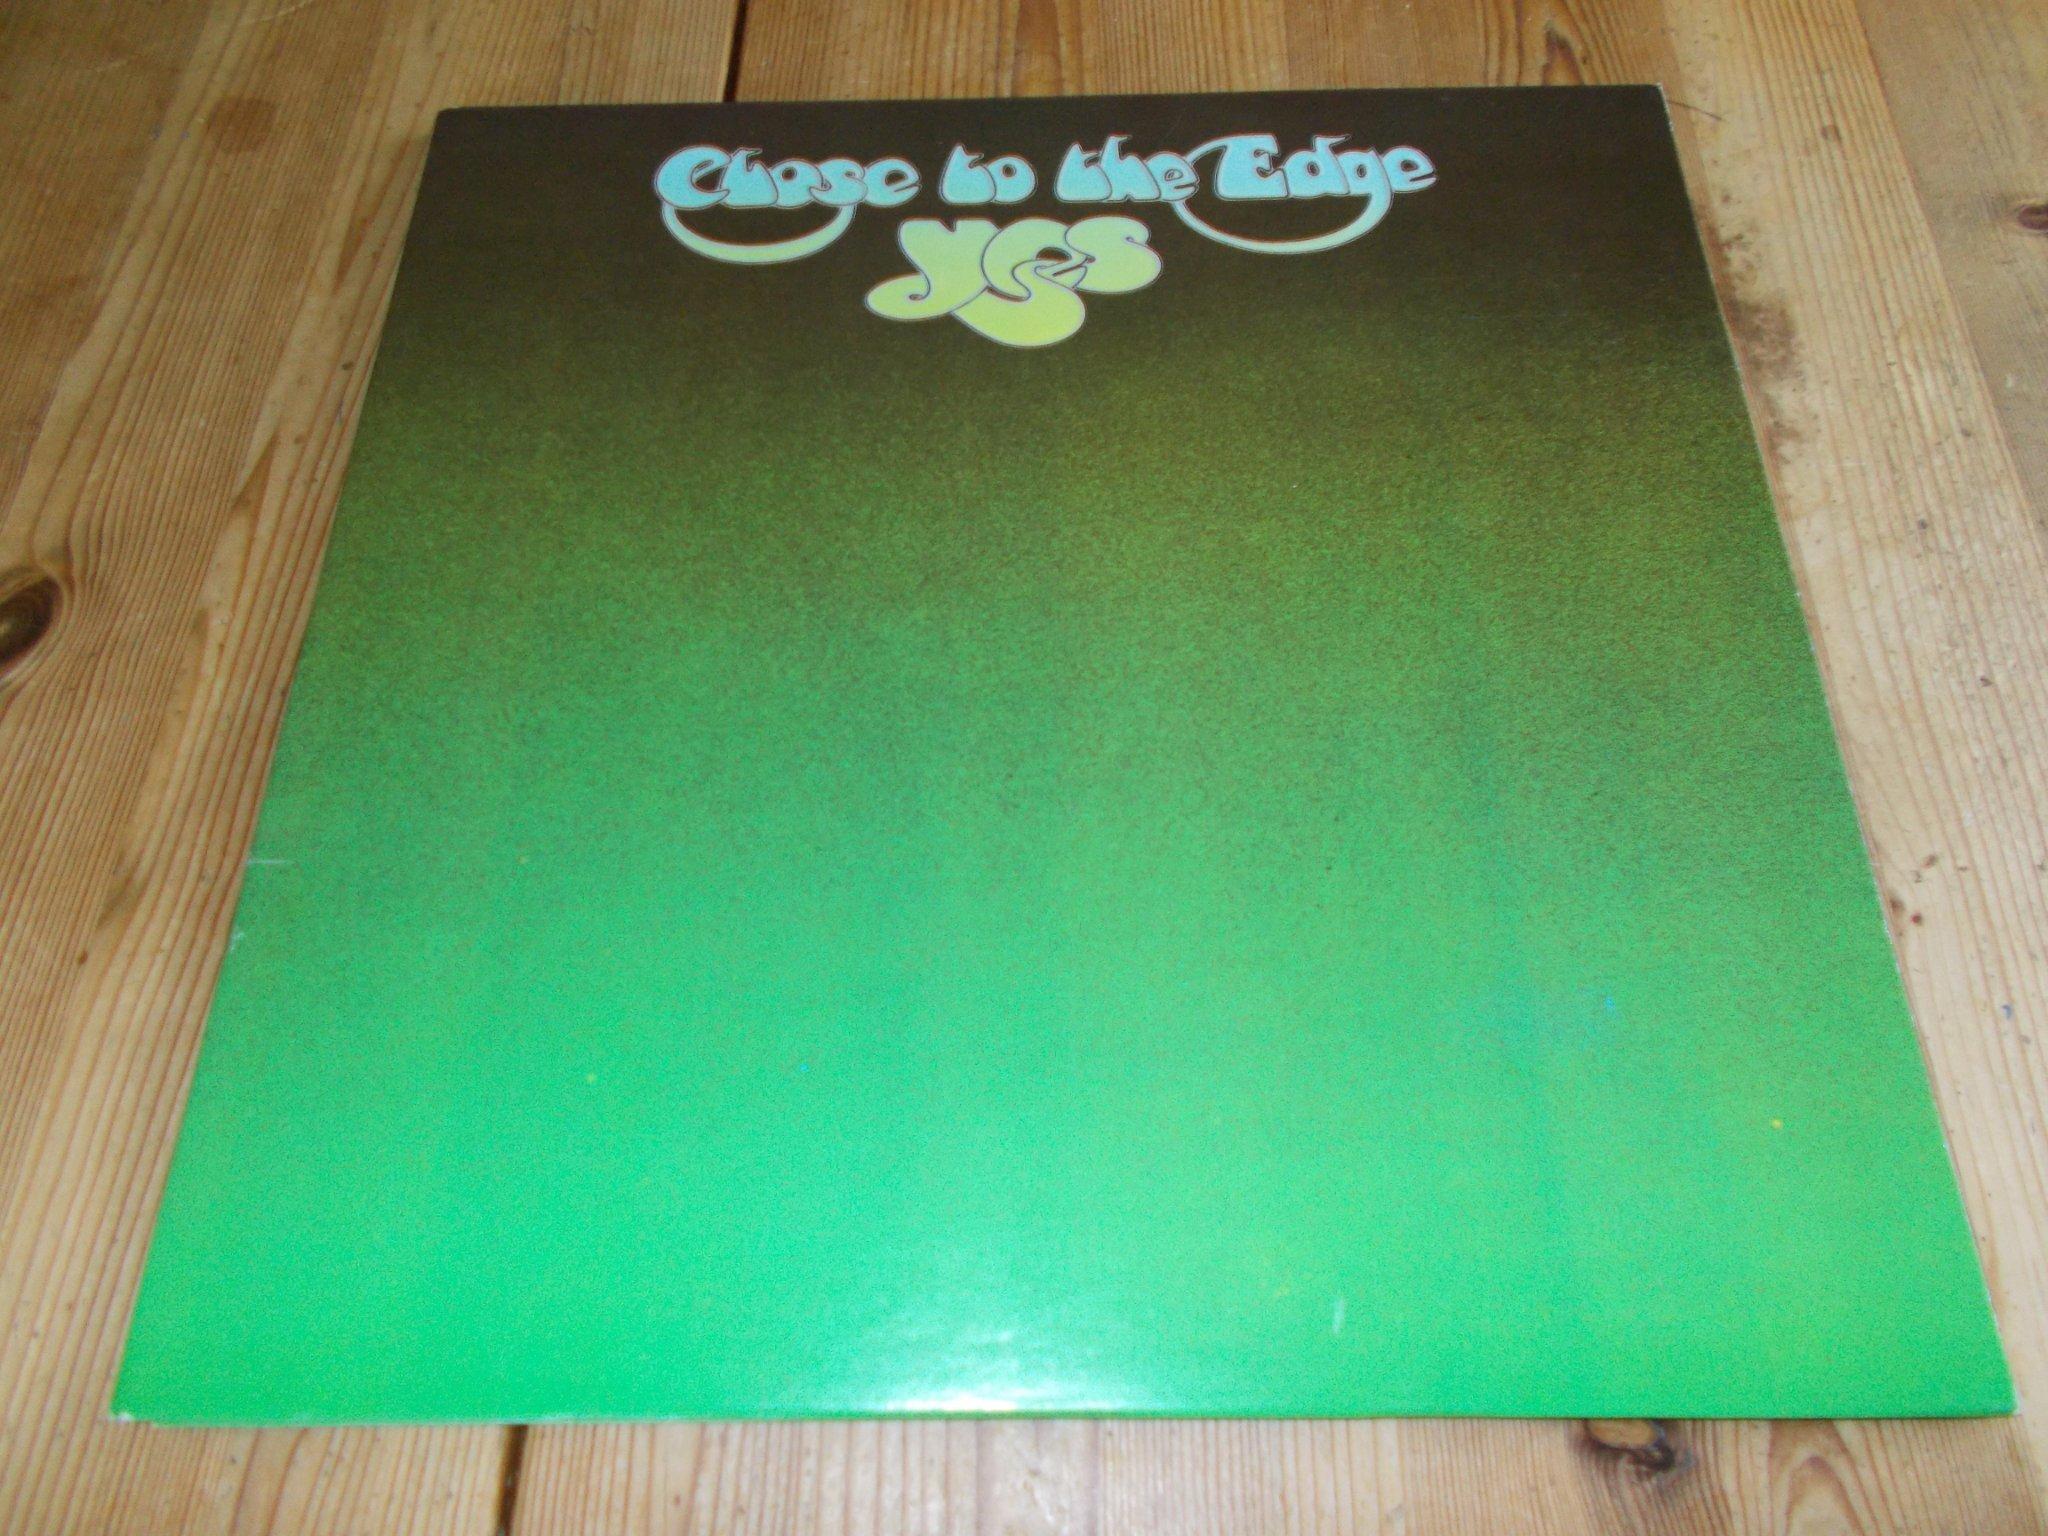 Yes - Close To The Edge vinyl (357872319) ᐈ Köp på Tradera